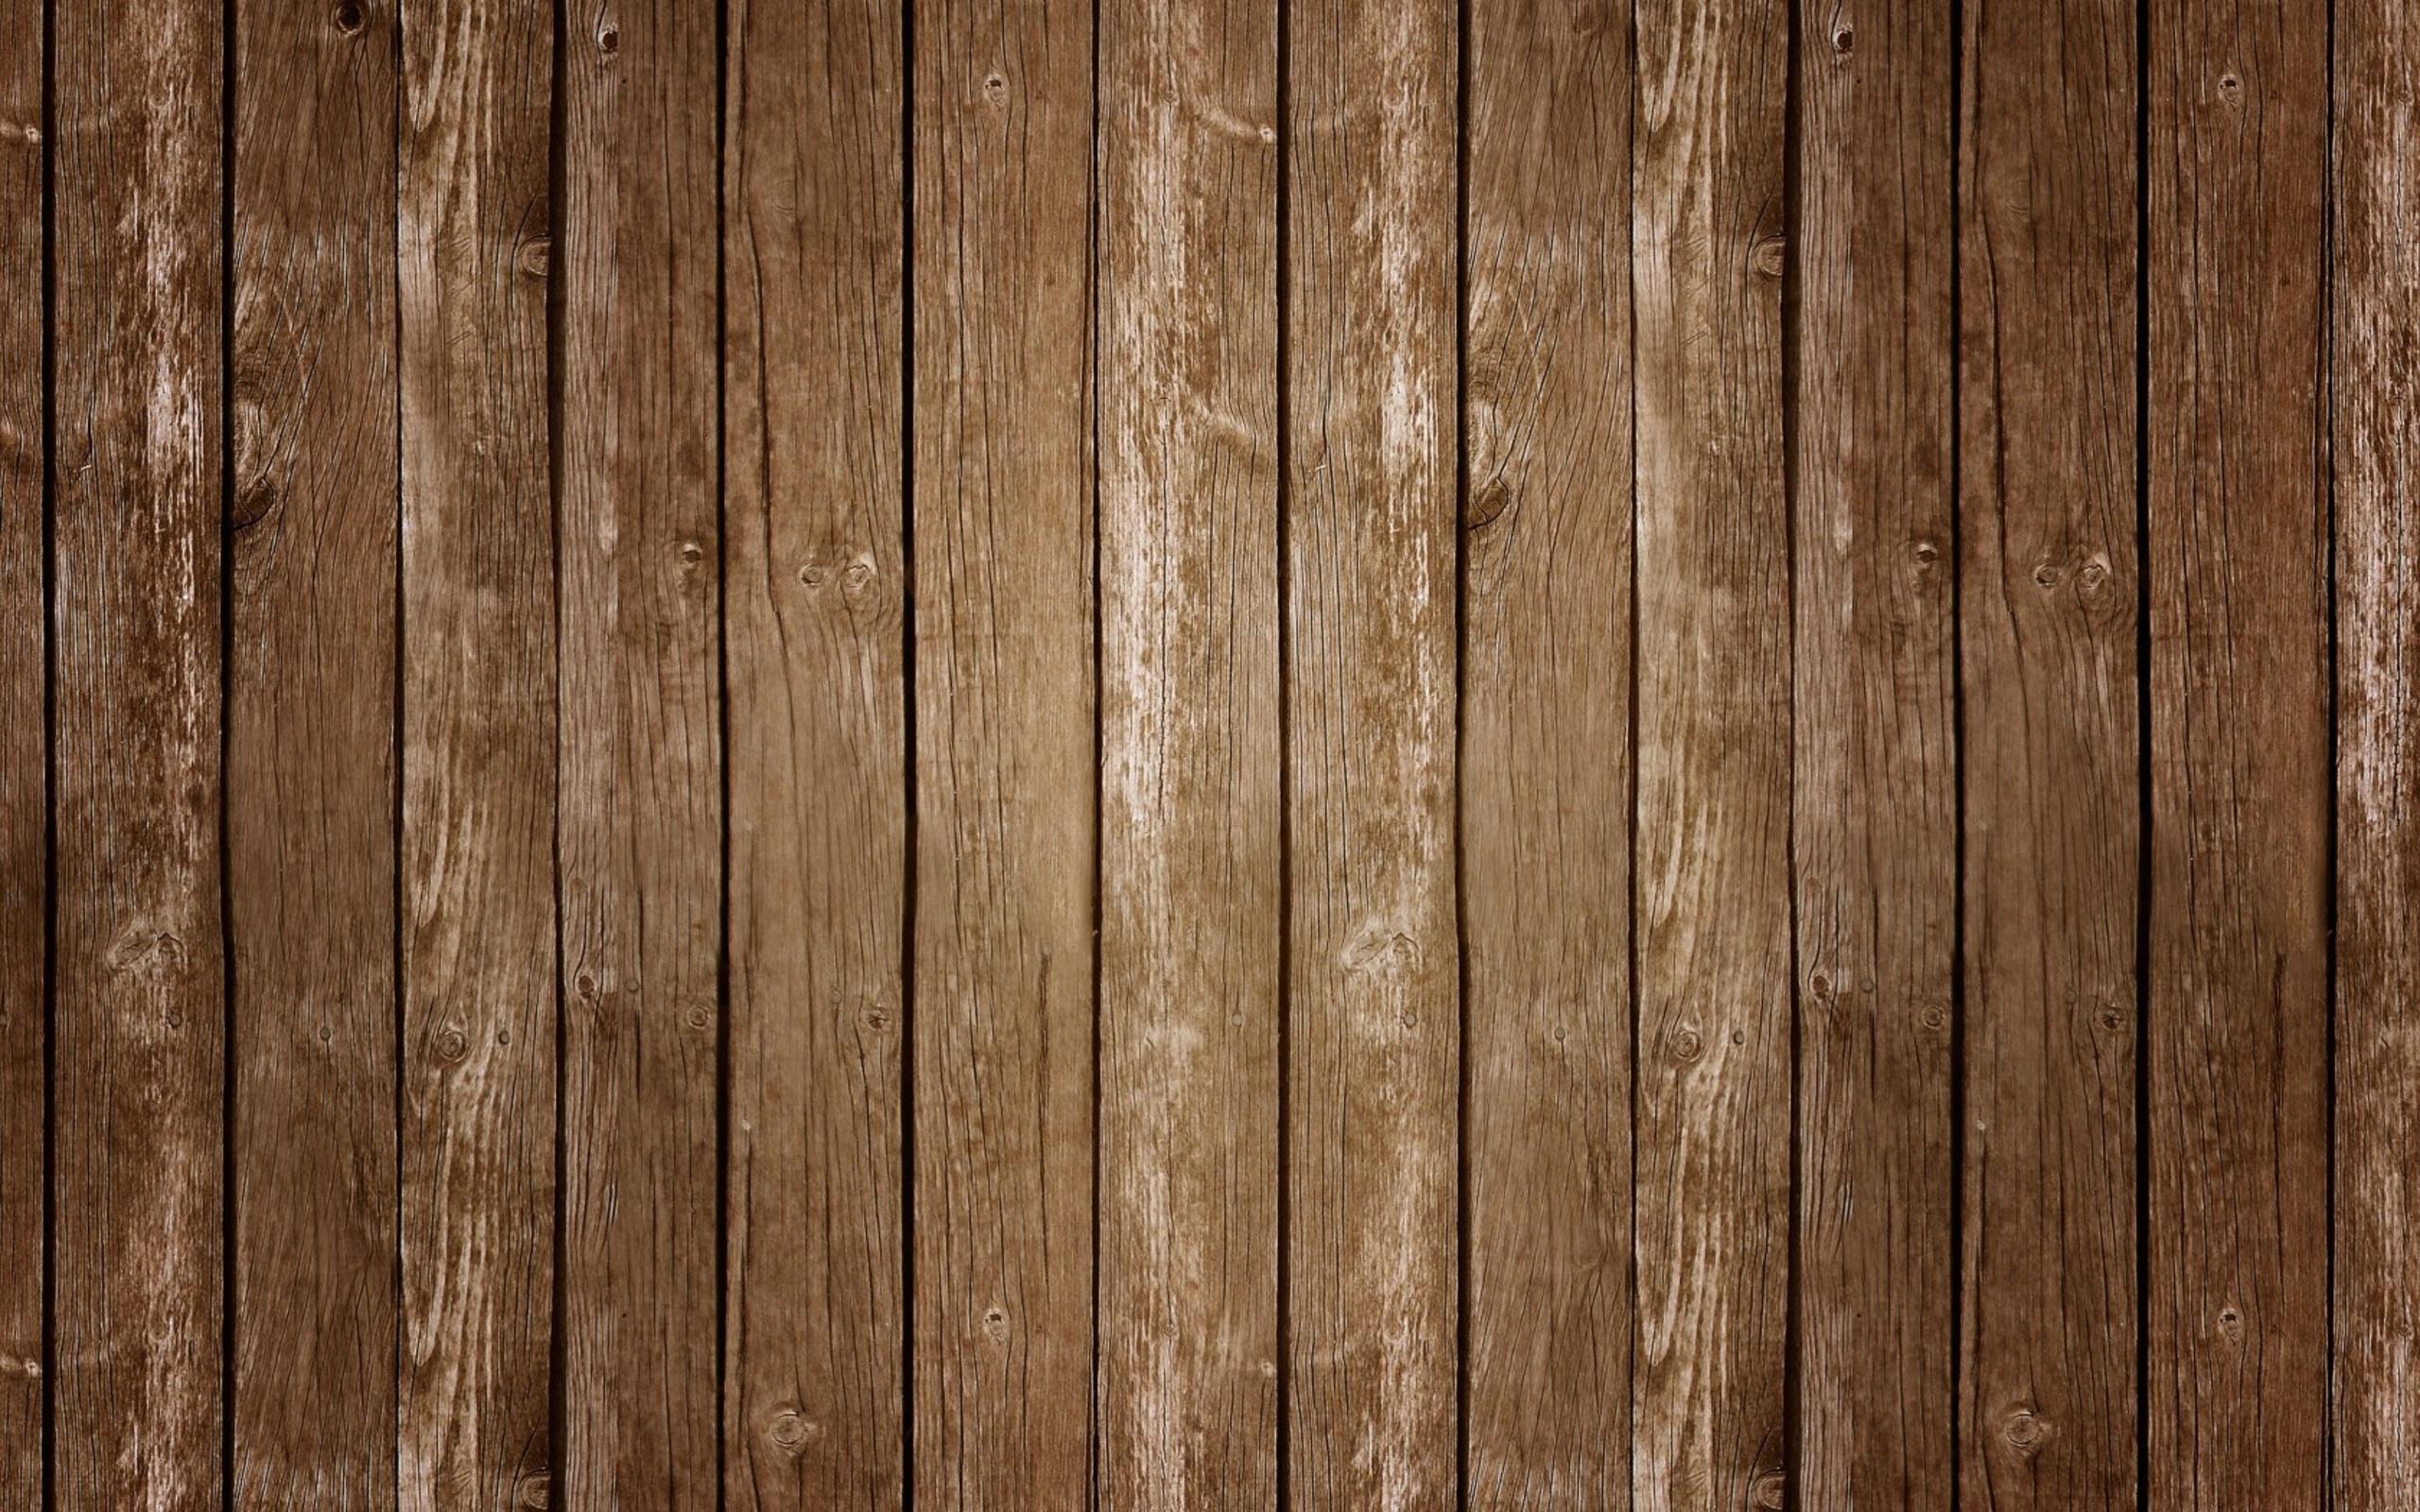 بالصور خلفيات خشب , اجمل الصور والخلفيات الخشبية 6120 2